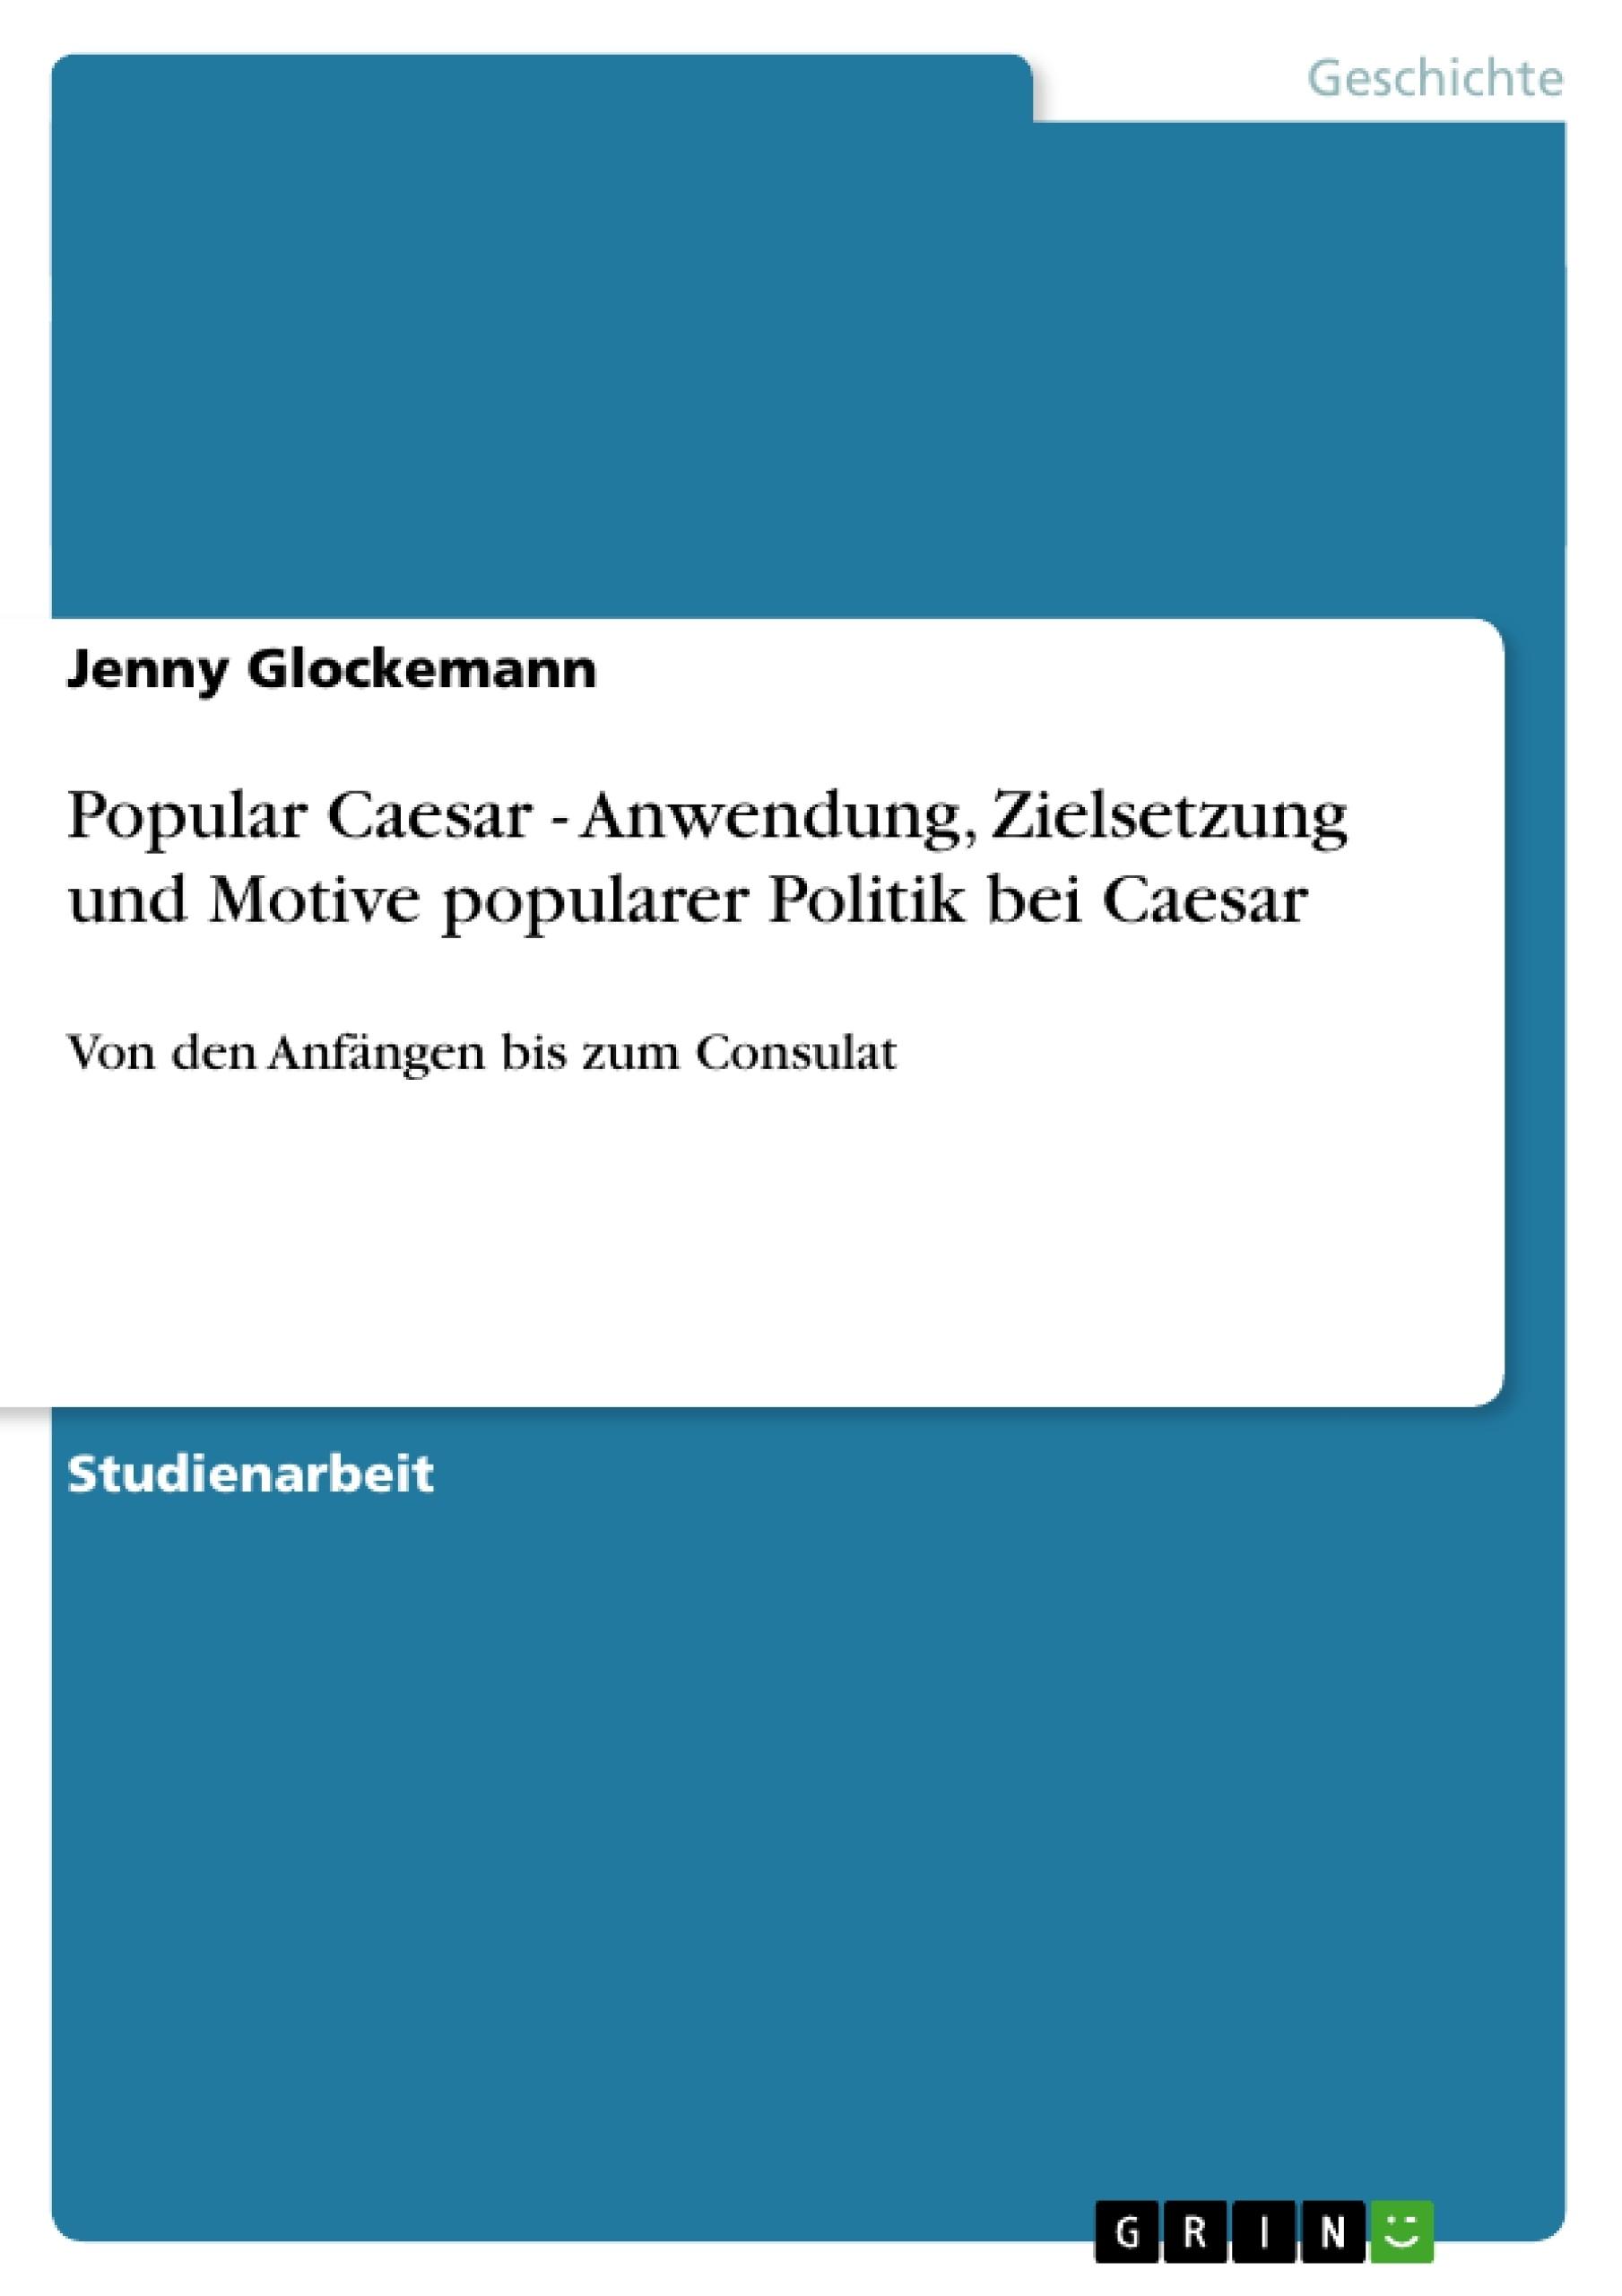 Titel: Popular Caesar - Anwendung, Zielsetzung und Motive popularer Politik bei Caesar